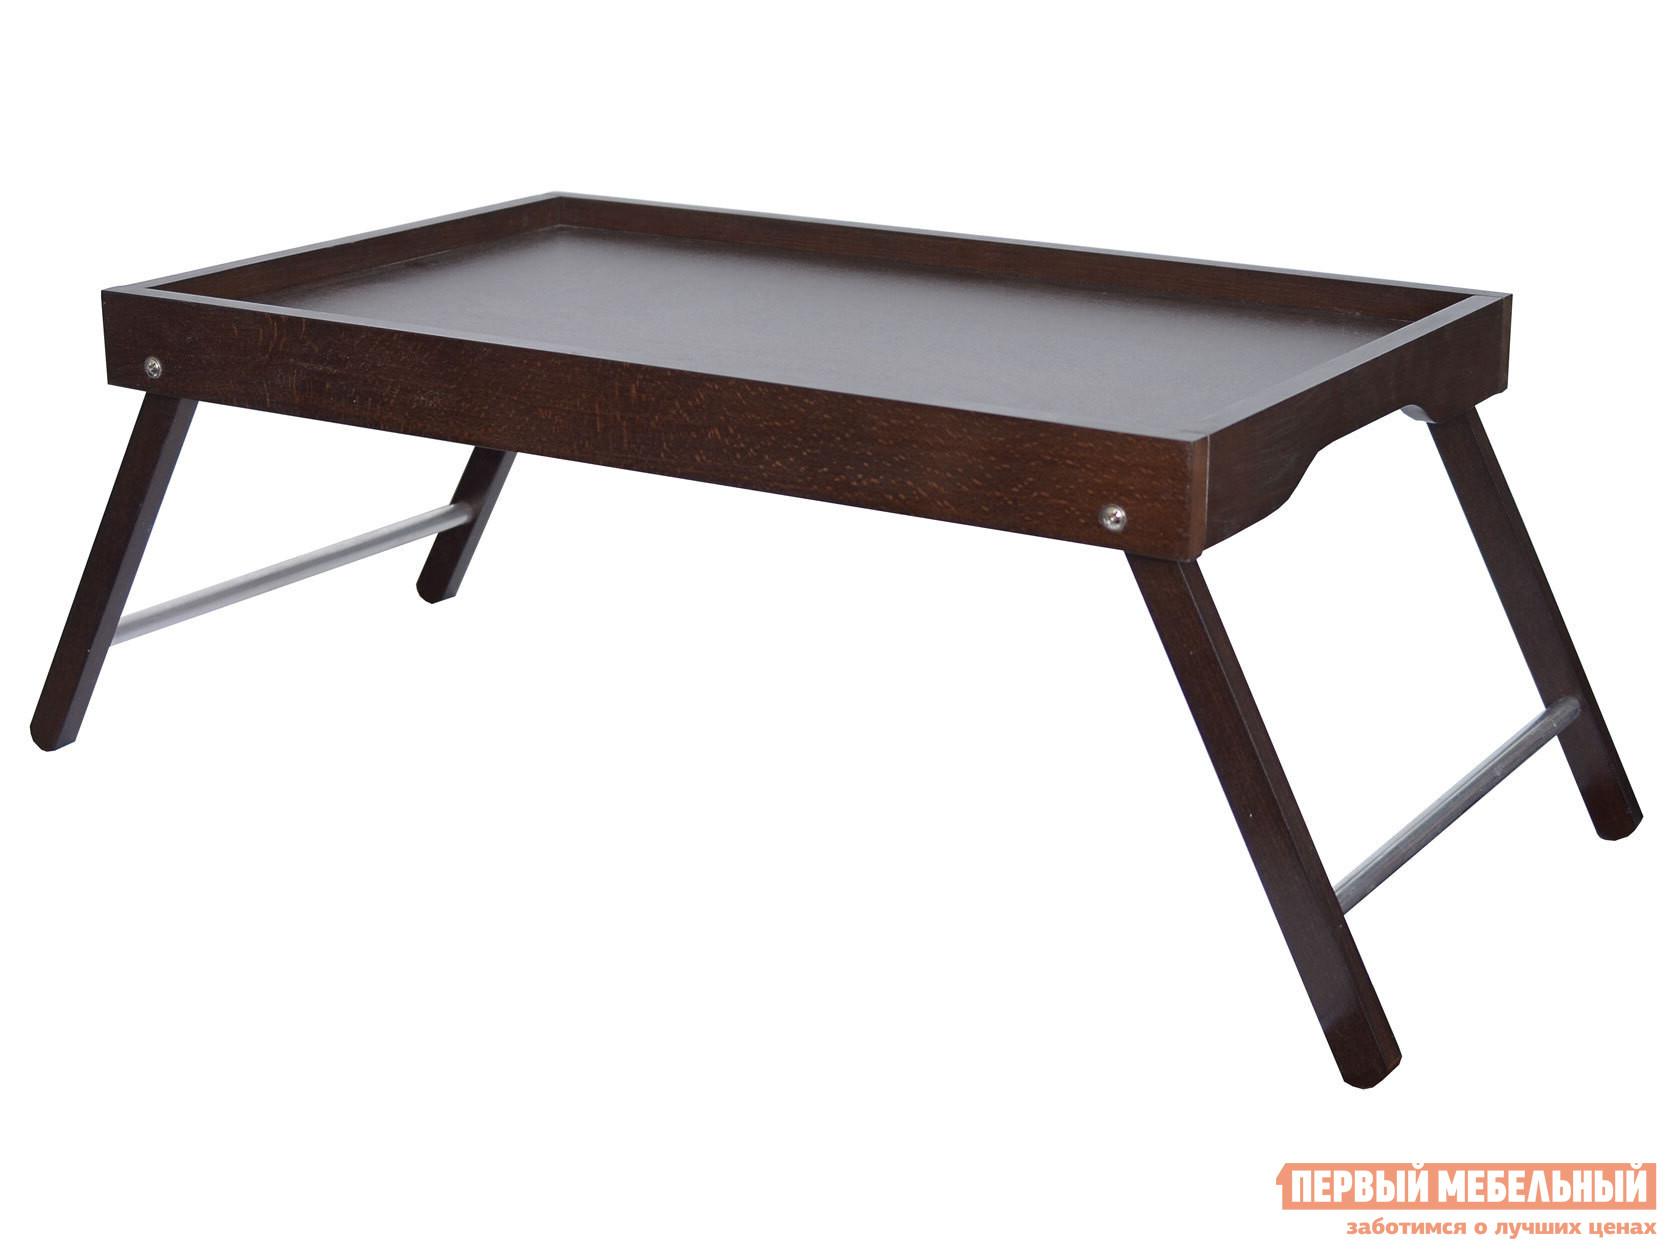 Сервировочный столик  Столик-поднос Селена Средне-коричневый — Столик-поднос Селена Средне-коричневый